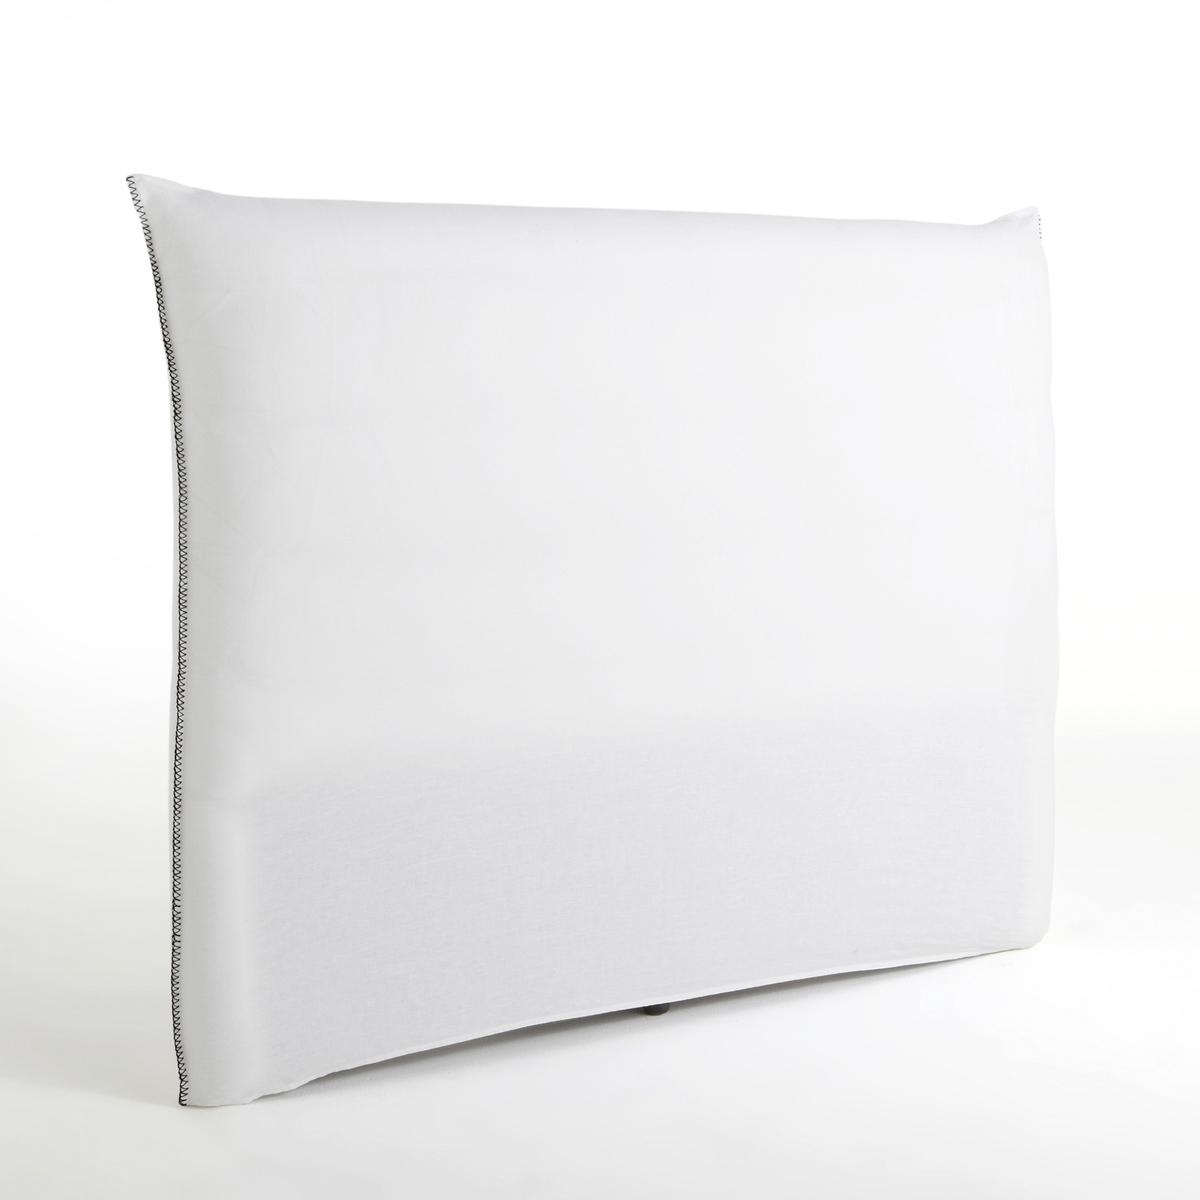 Чехол La Redoute Для изголовья кровати льняной с отделкой петельным швом Mereson 180 см белый